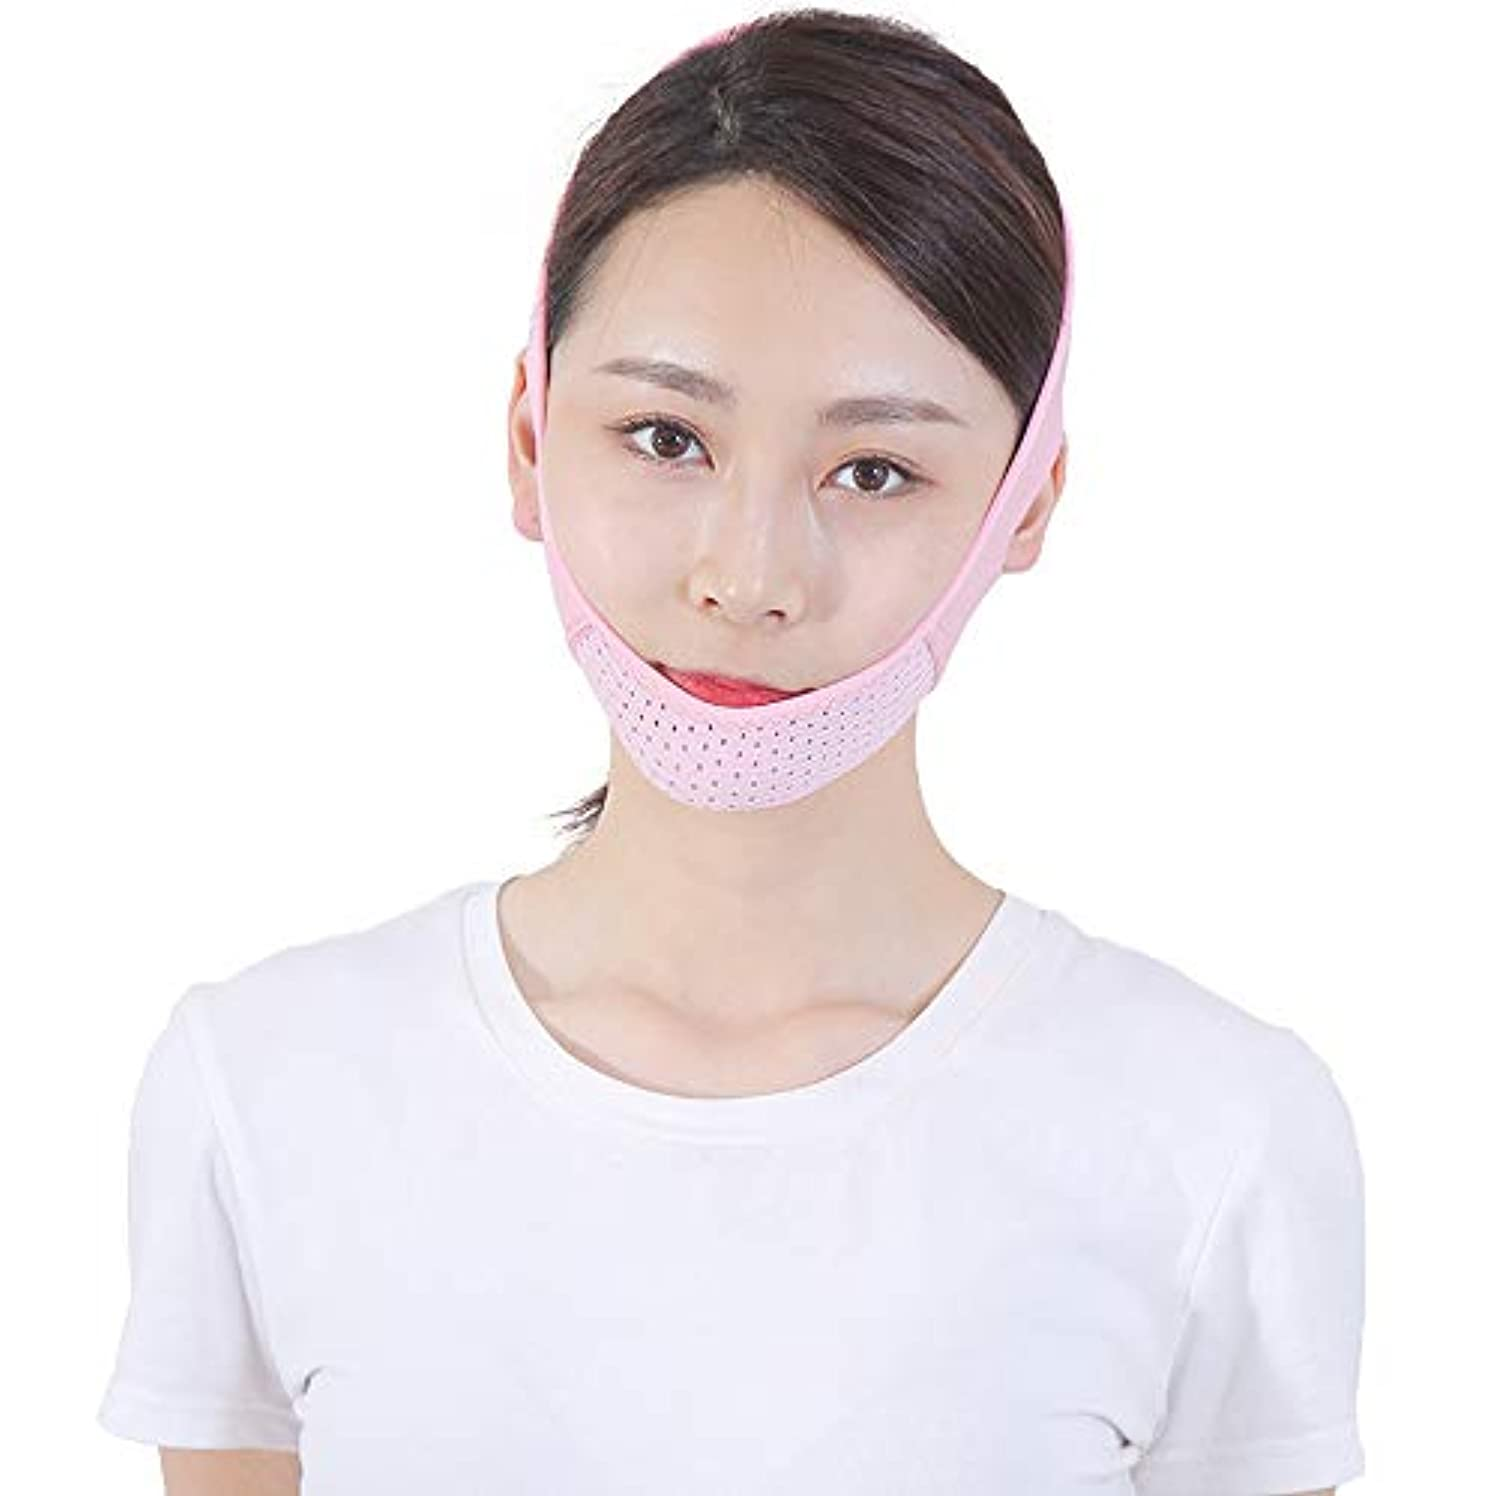 解明する受粉者村Jia Jia- フェイシャルリフティング痩身ベルトフェイススリムゲットダブルチンアンチエイジングリンクルフェイスバンデージマスクシェイピングマスク顔を引き締めるダブルチンワークアウト 顔面包帯